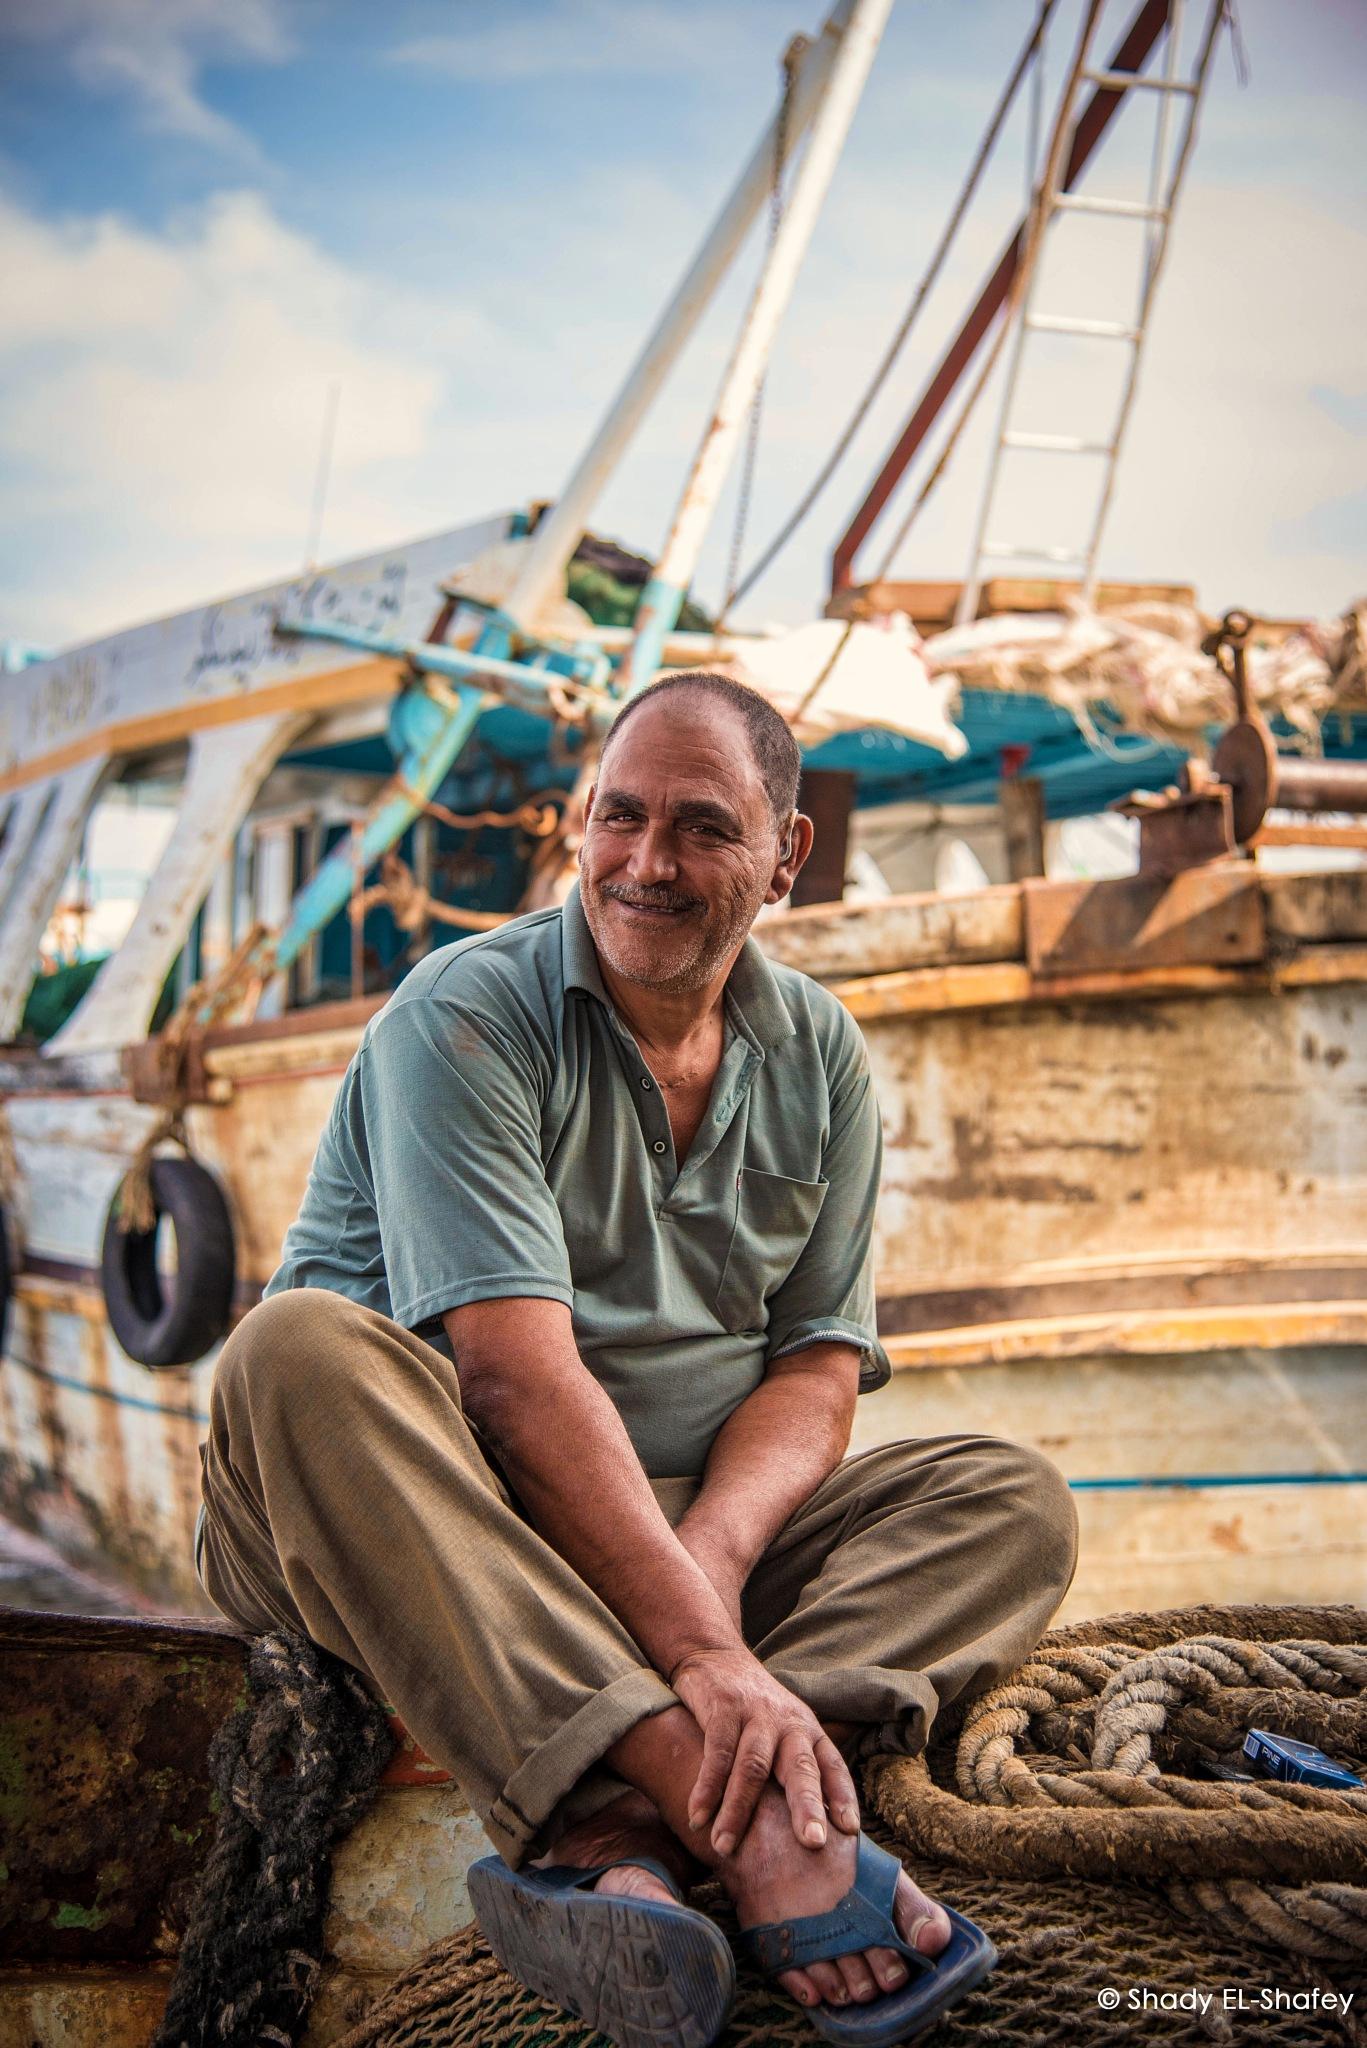 Fisherman by Shady EL-Shafey